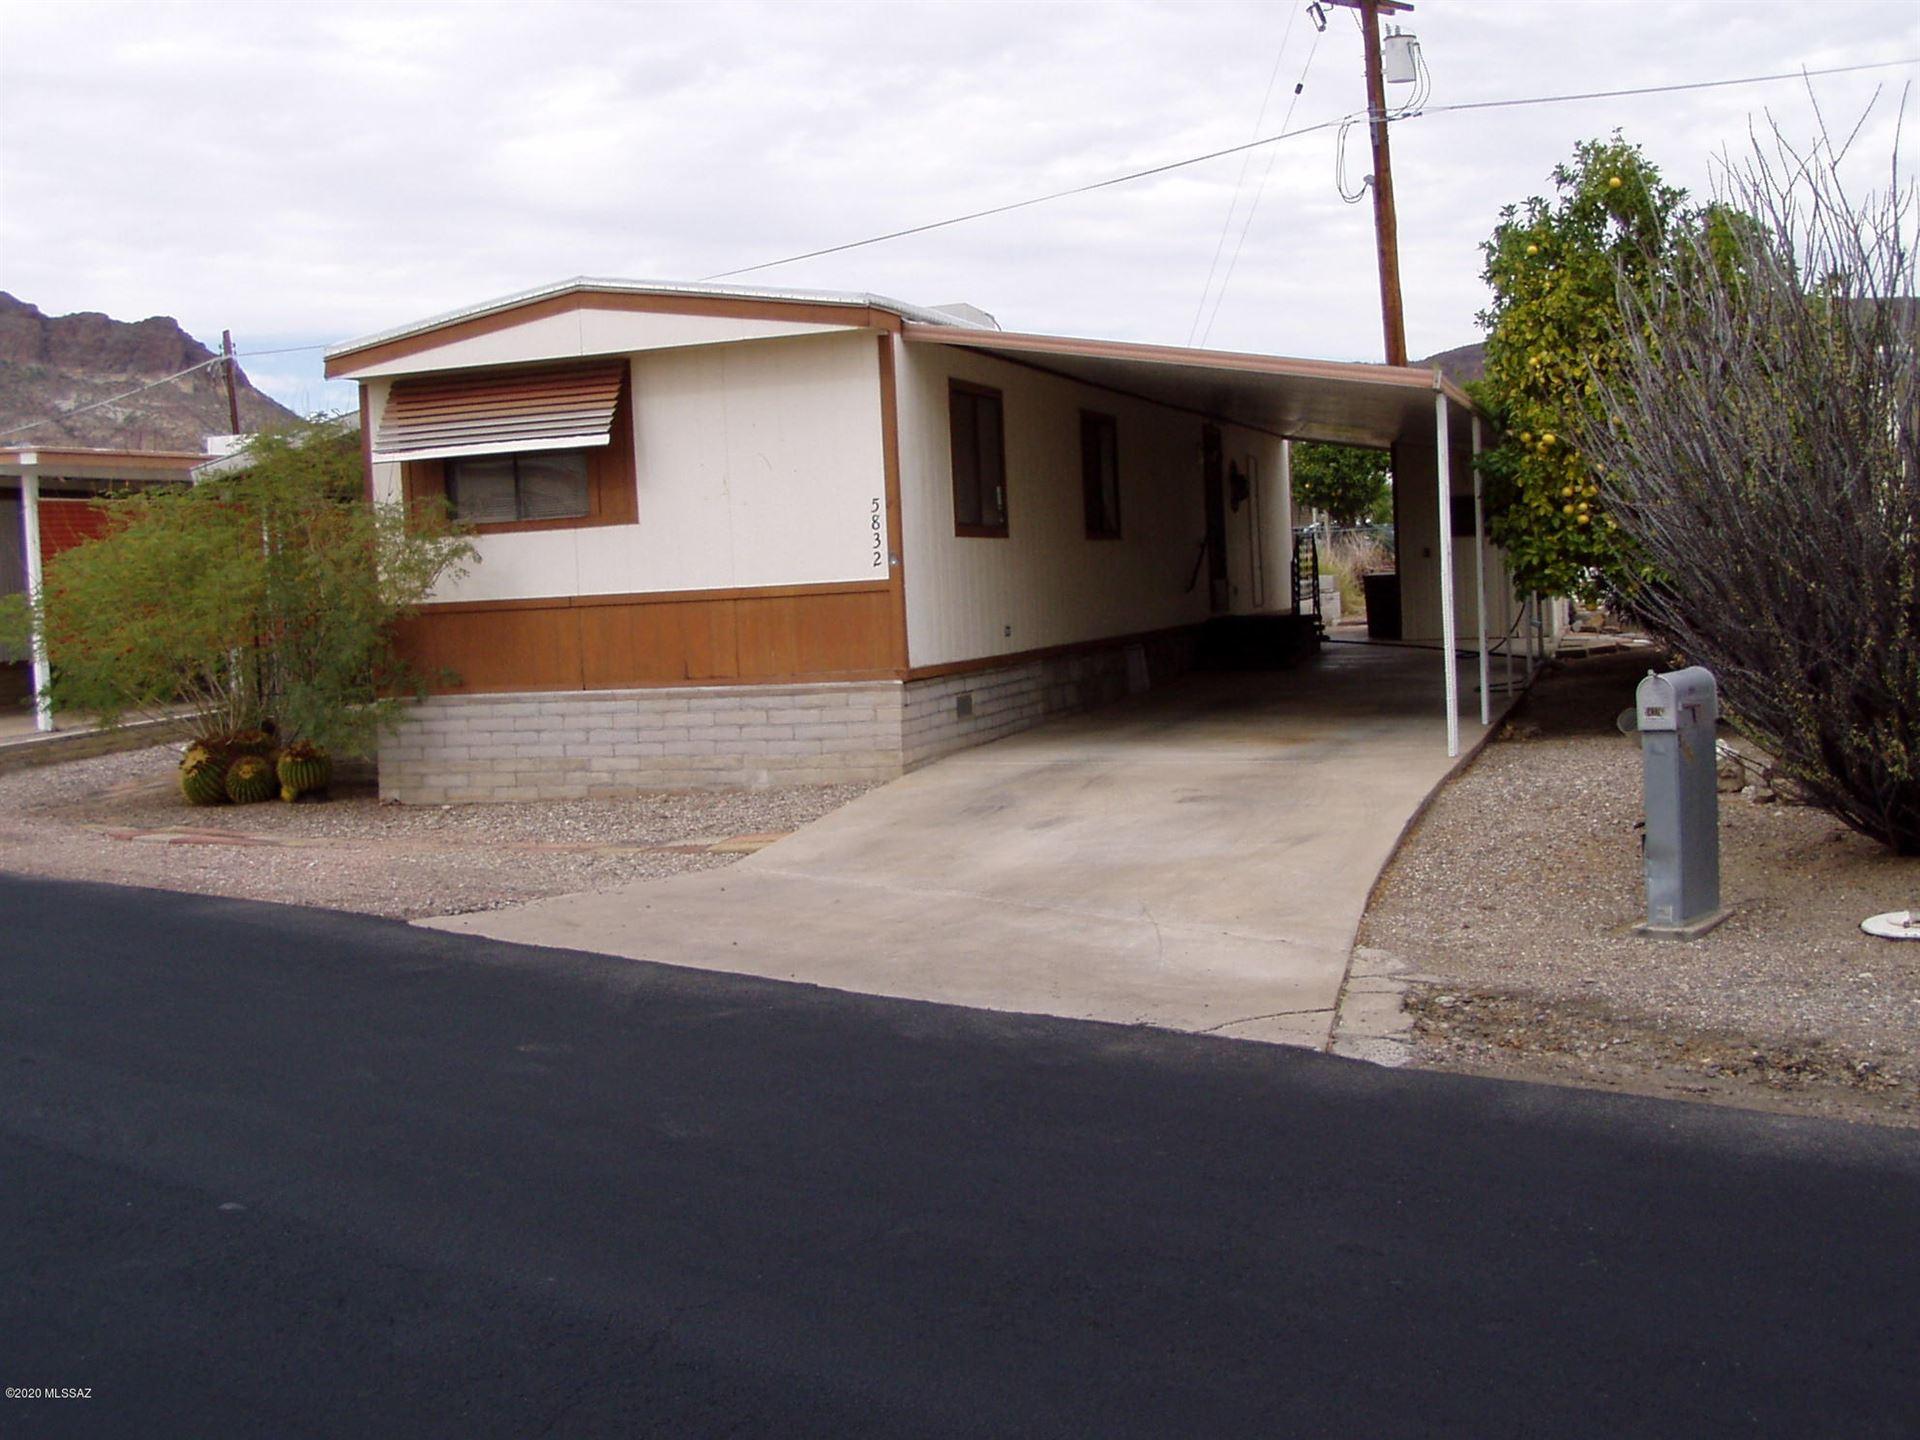 5832 W Lazy S Street, Tucson, AZ 85713 - #: 22028587